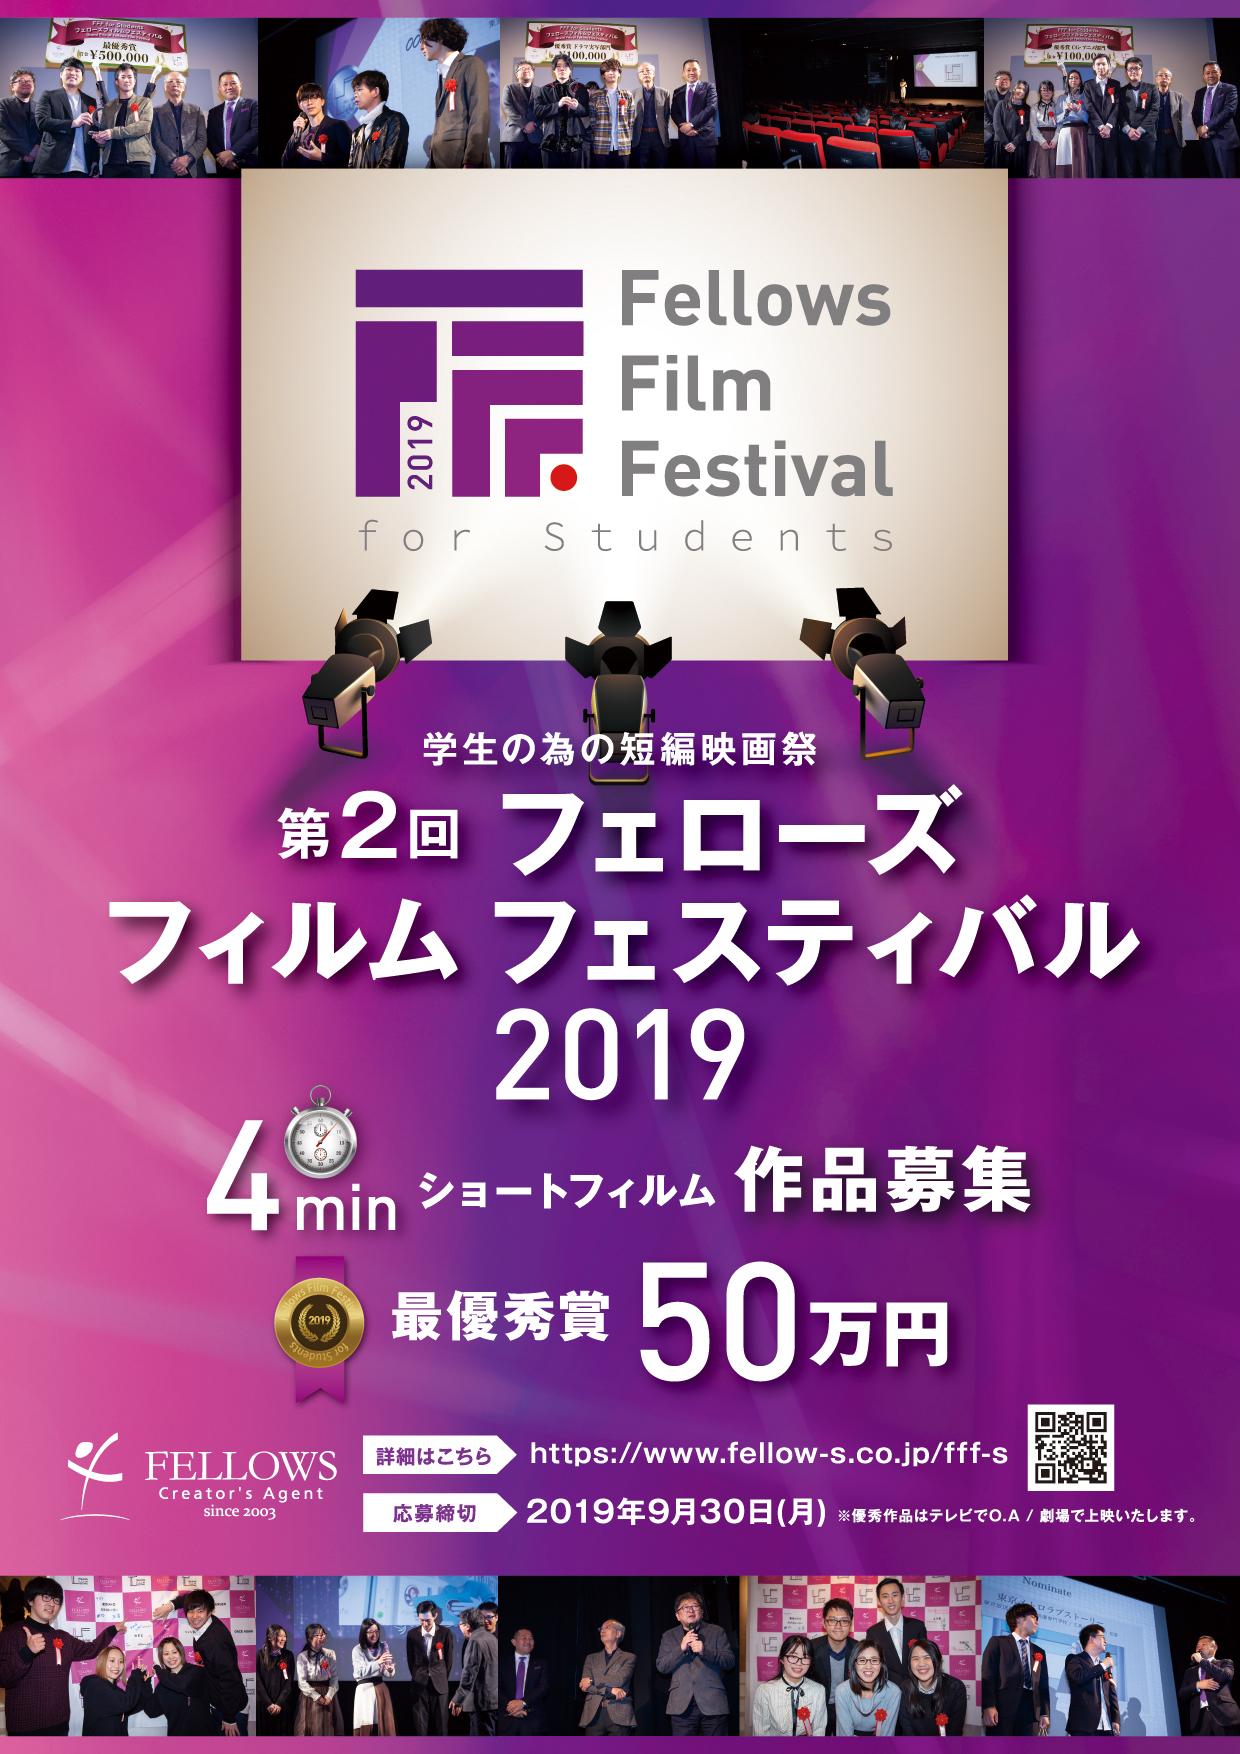 学生の為の短編映画祭「第2回 フェローズフィルムフェスティバル 2019」作品募集!